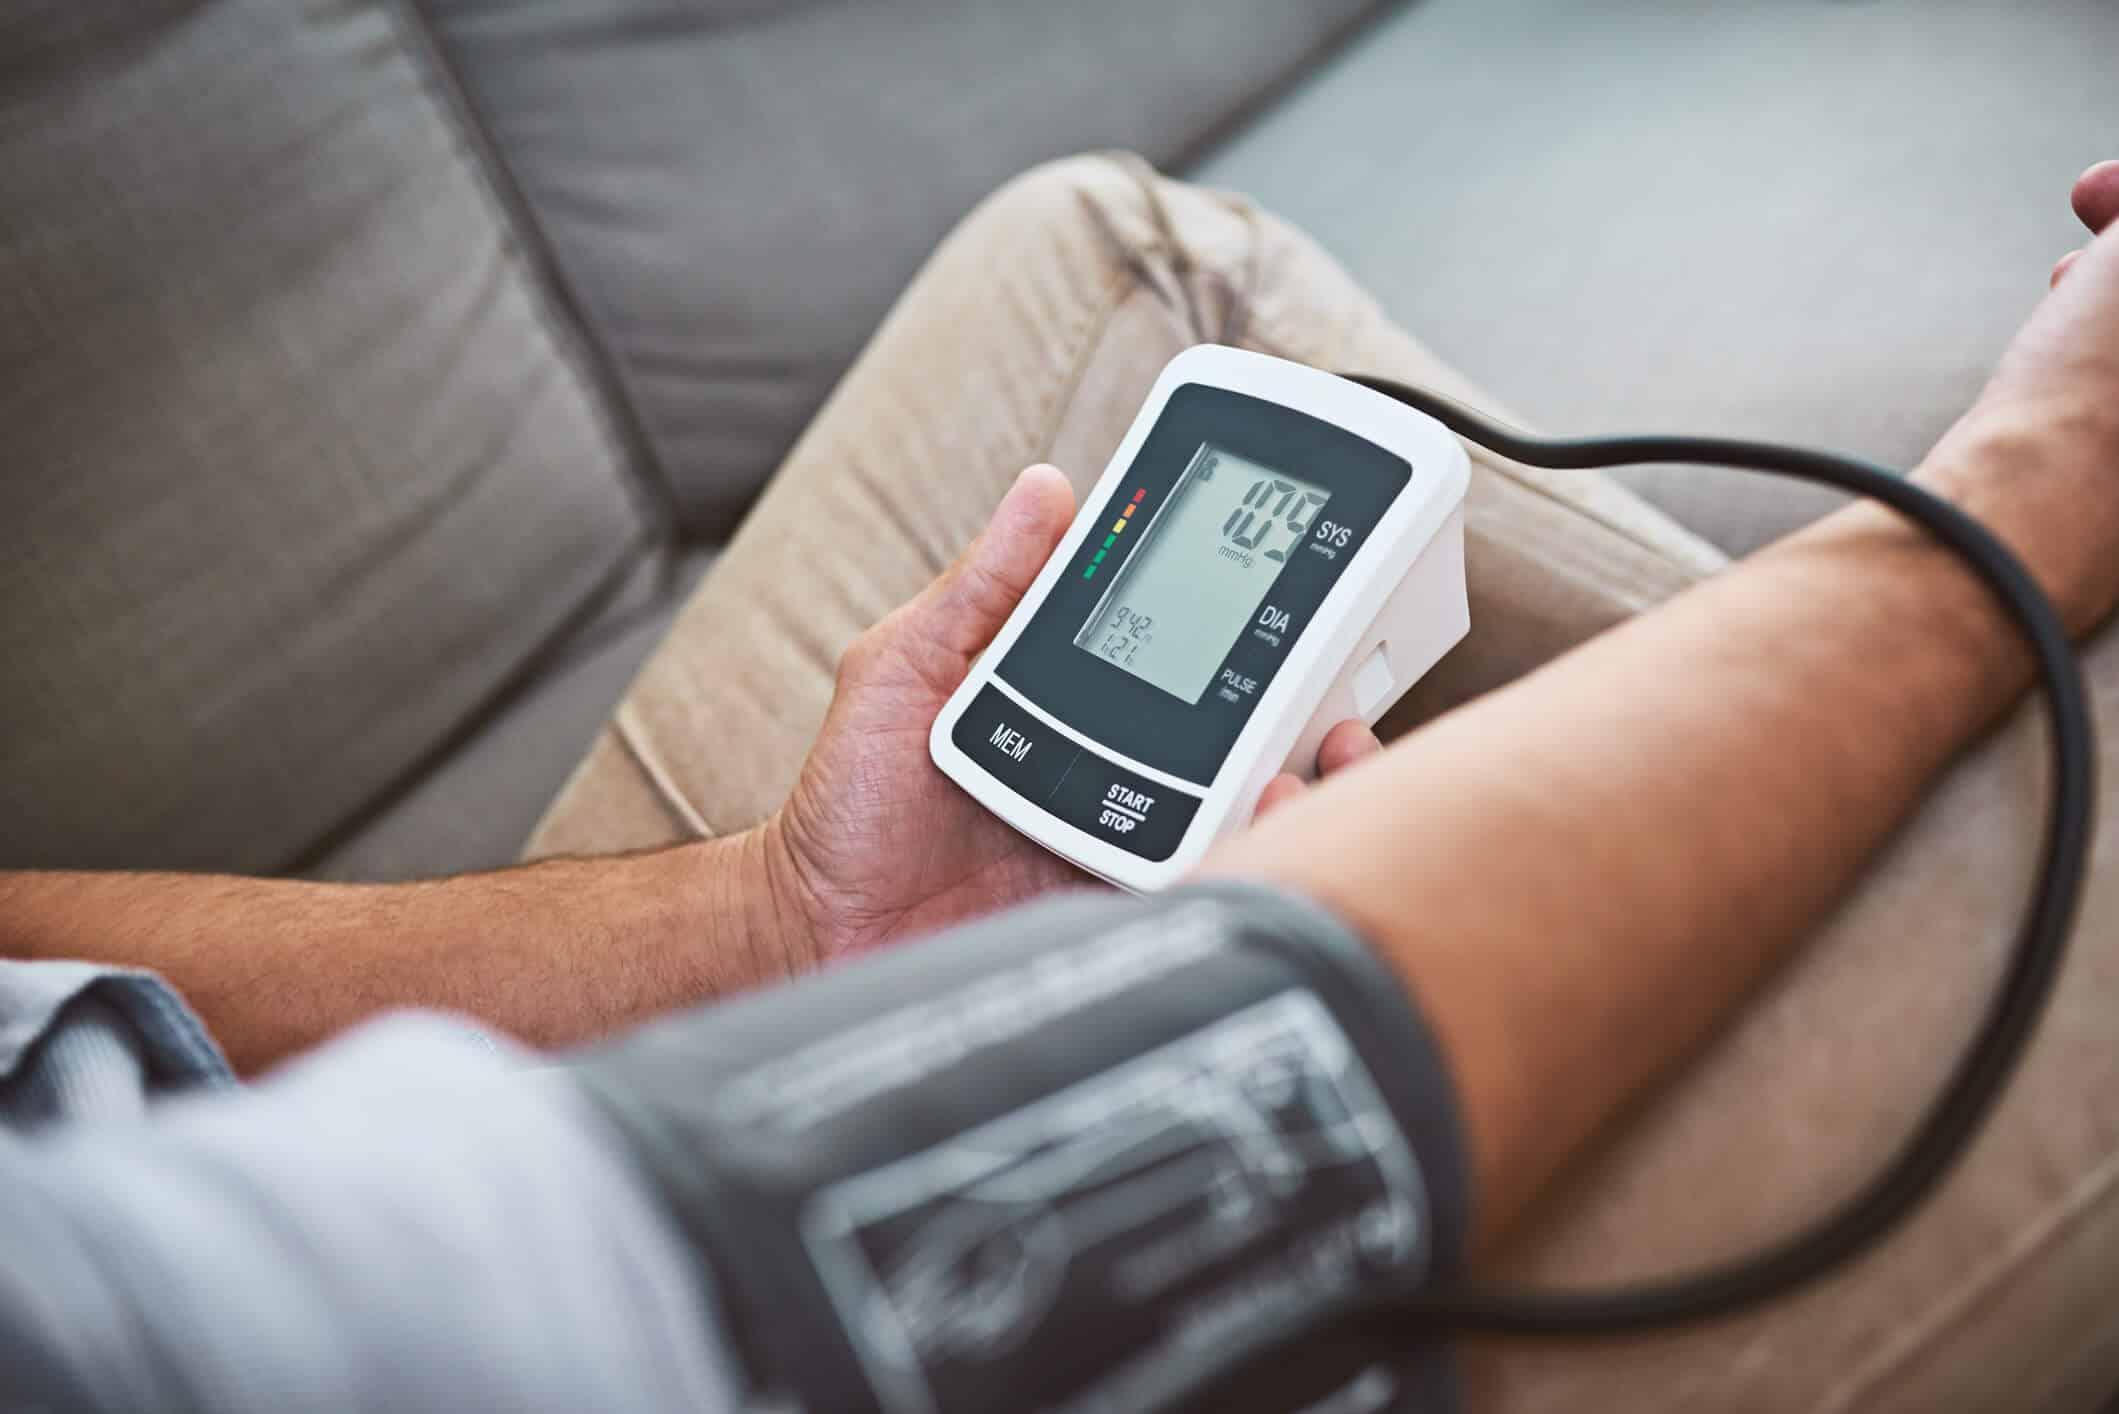 aparelho de pressão arterial